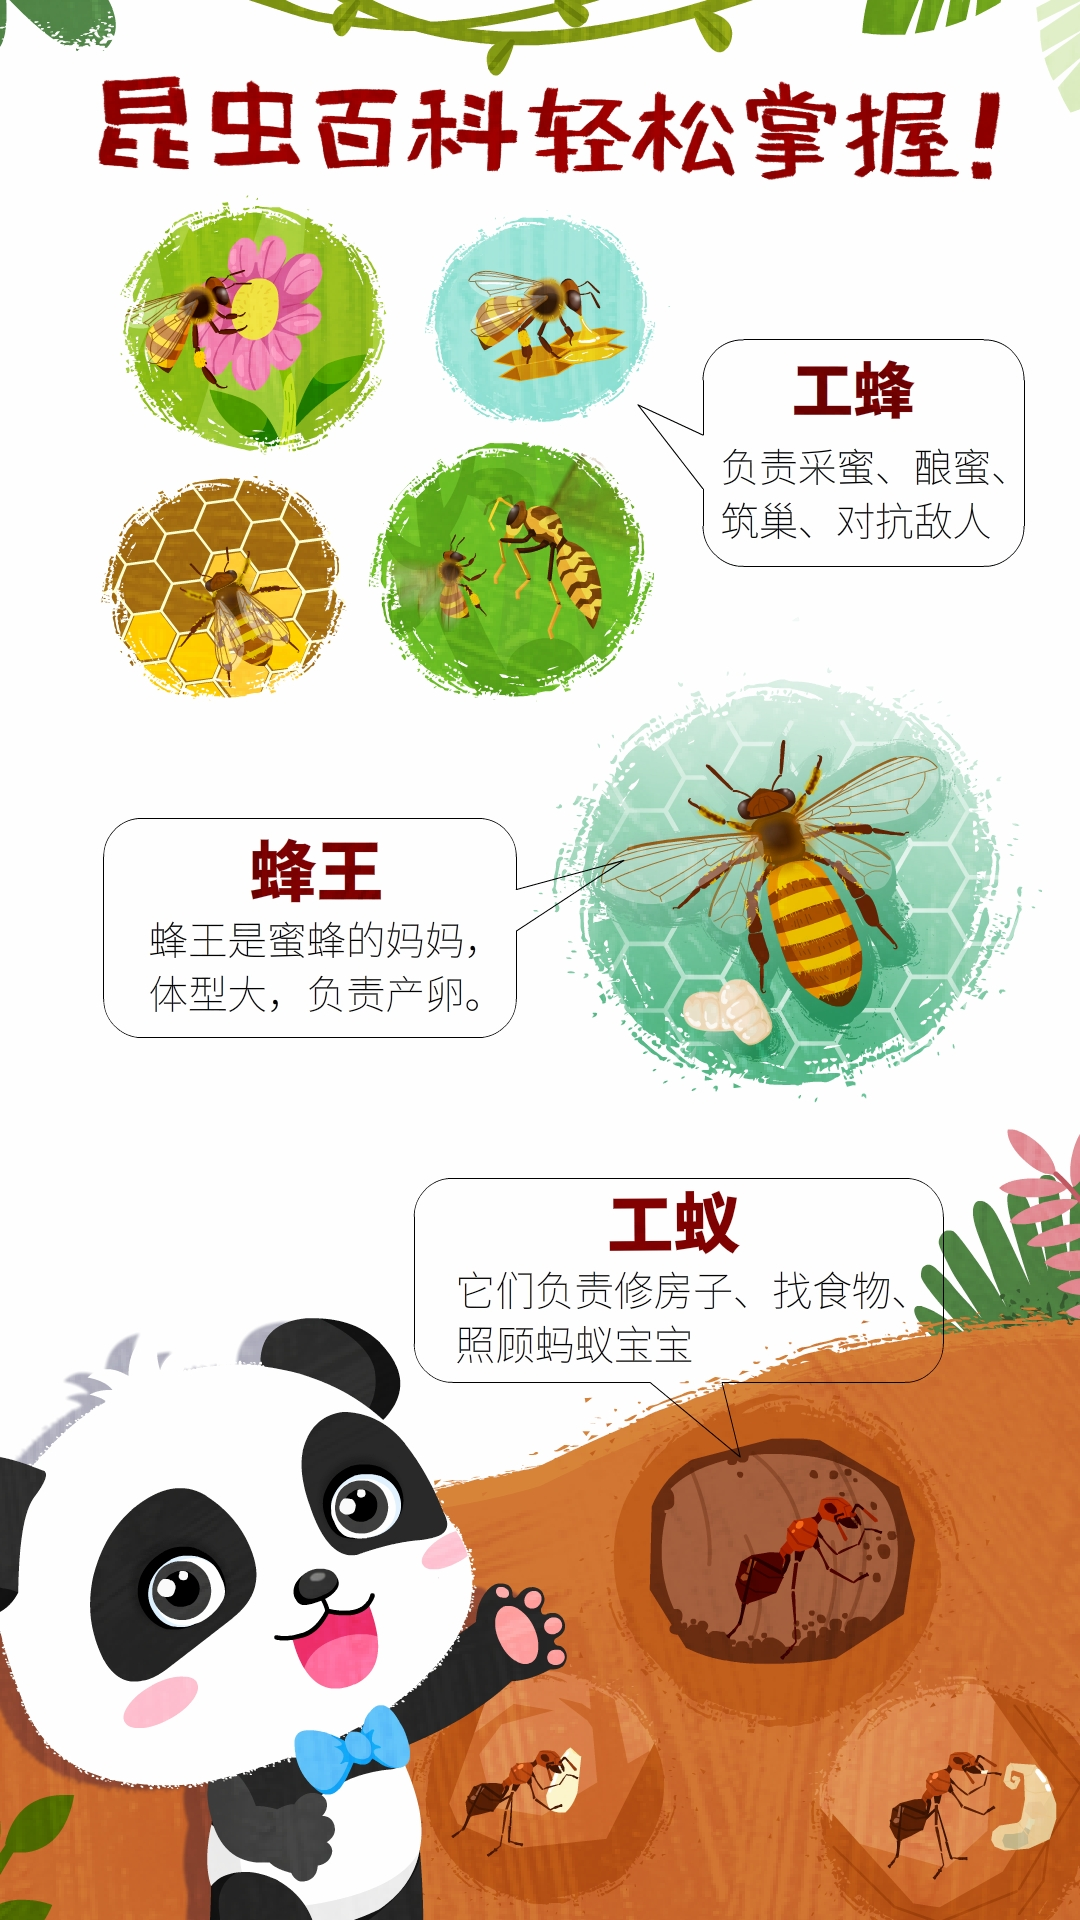 奇妙昆虫世界 V9.41.10.00 安卓版截图1